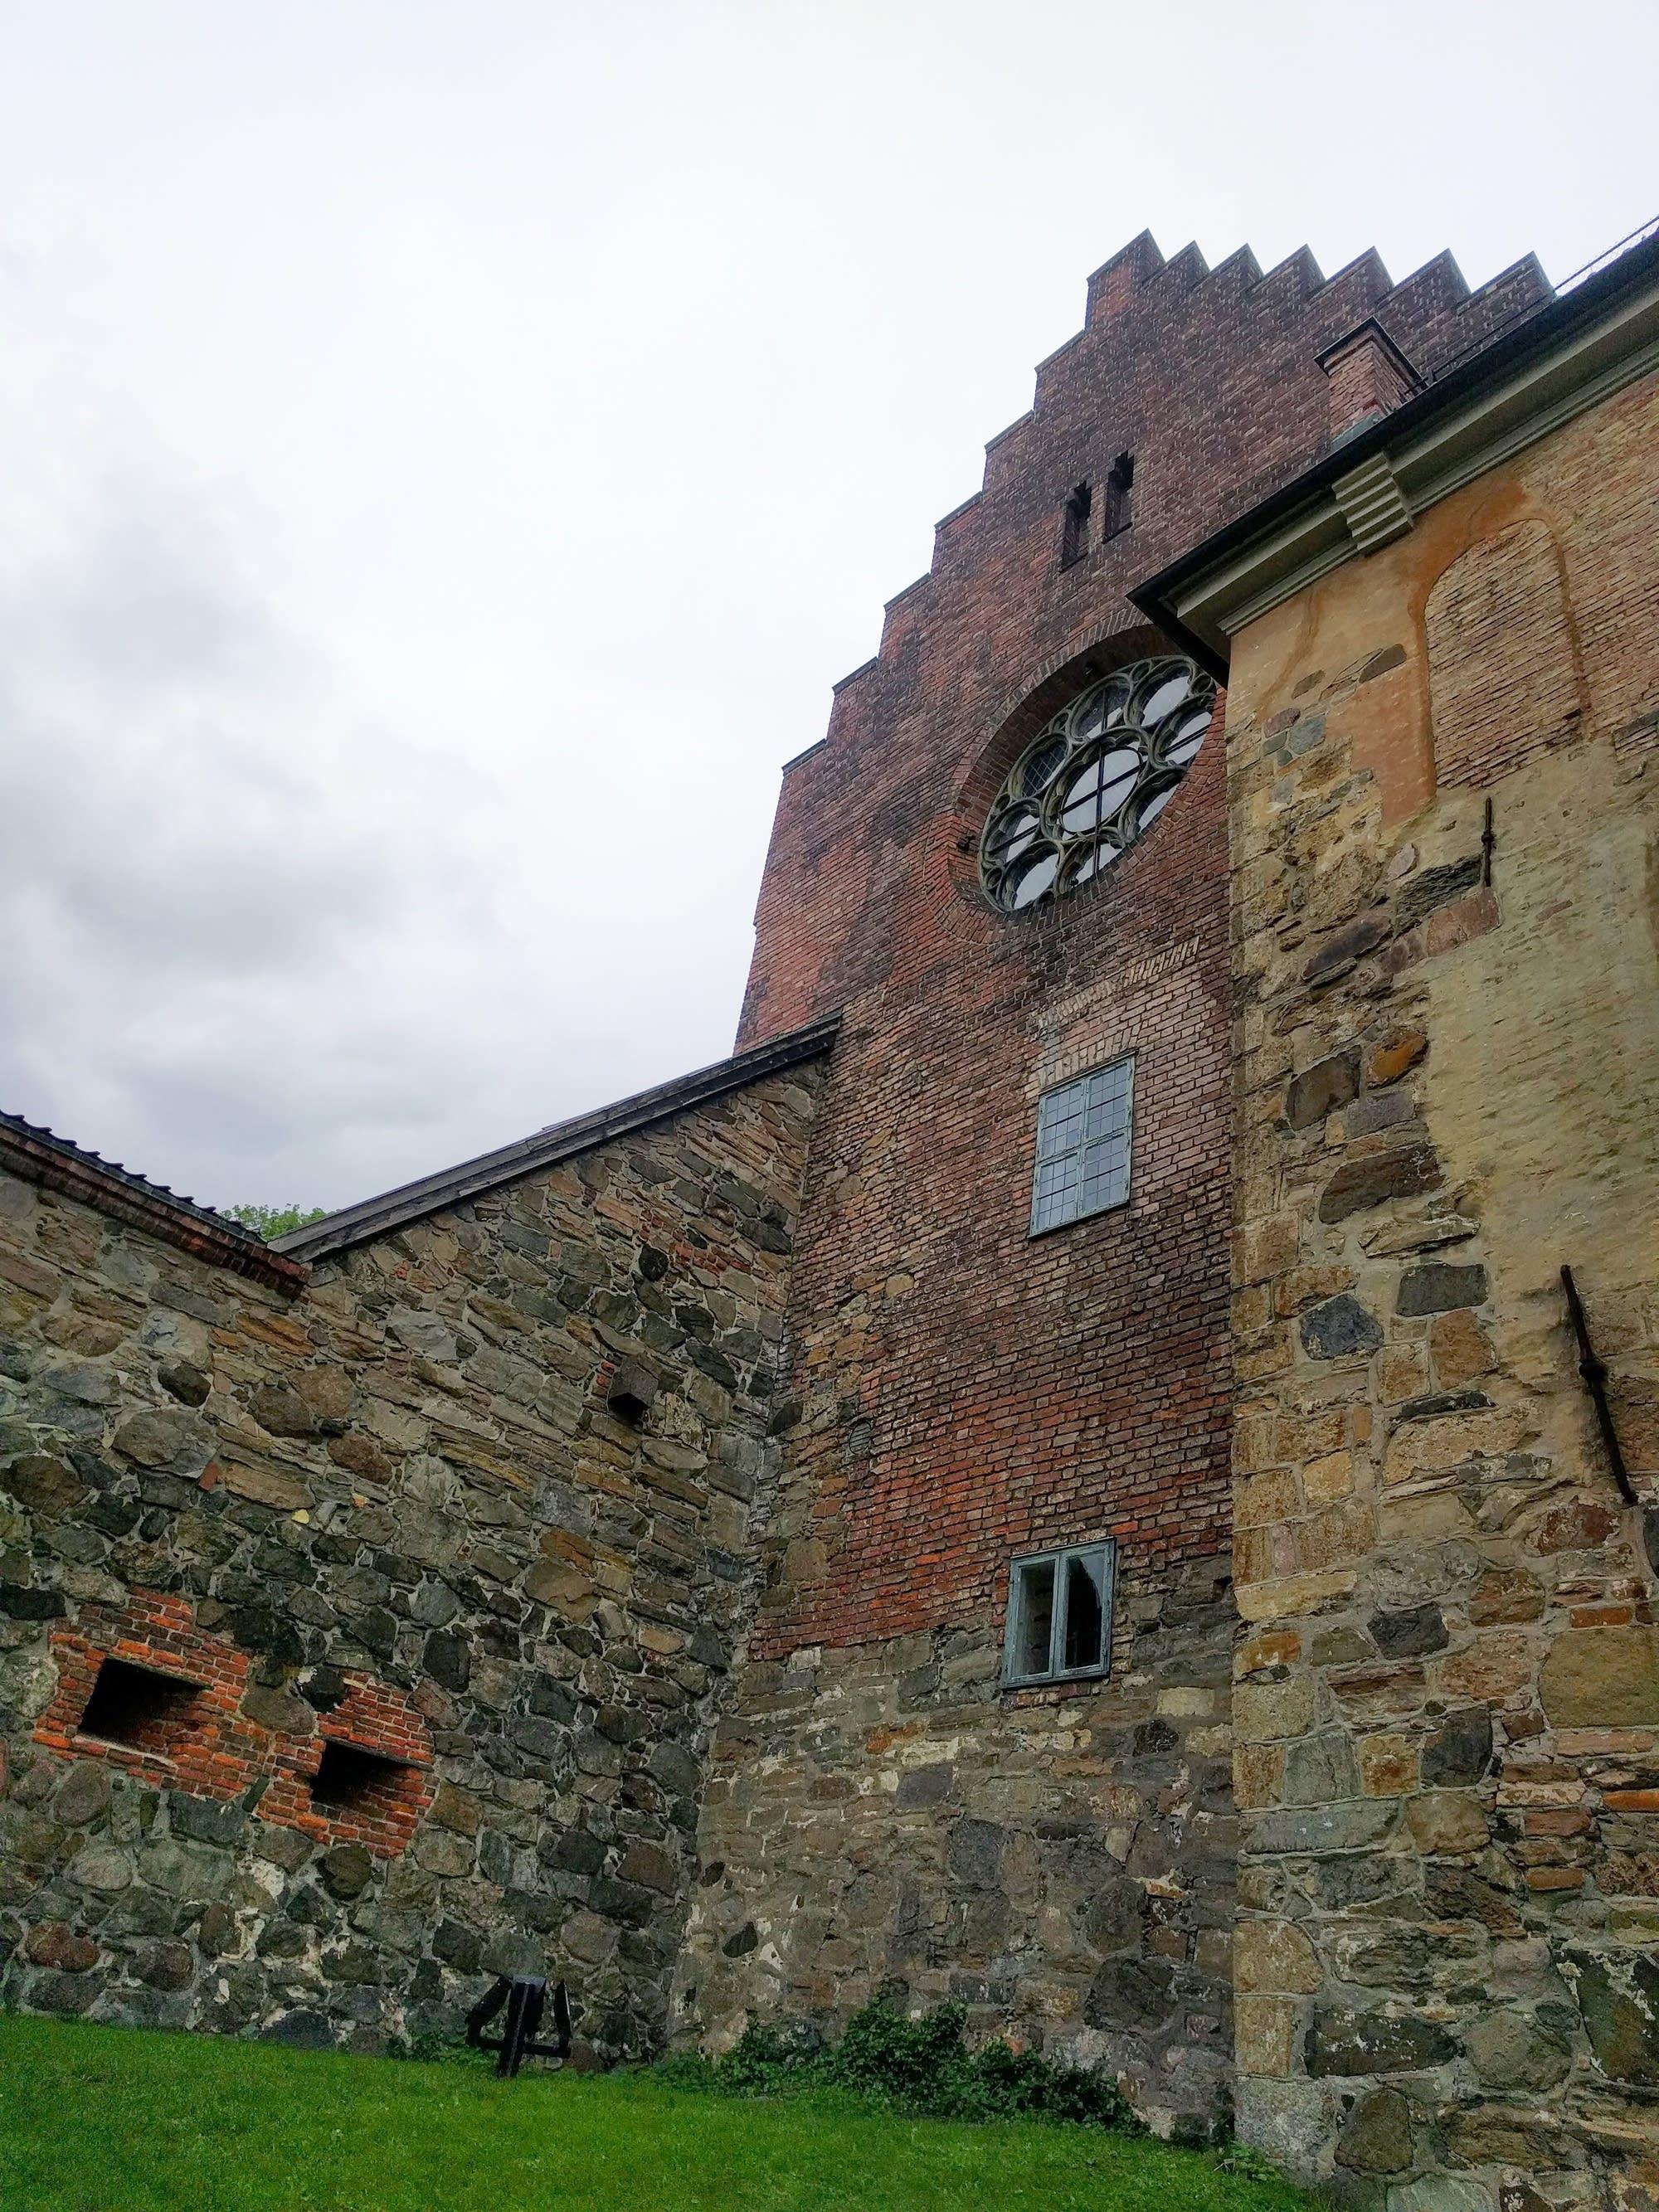 Oslo - 01 - castle window